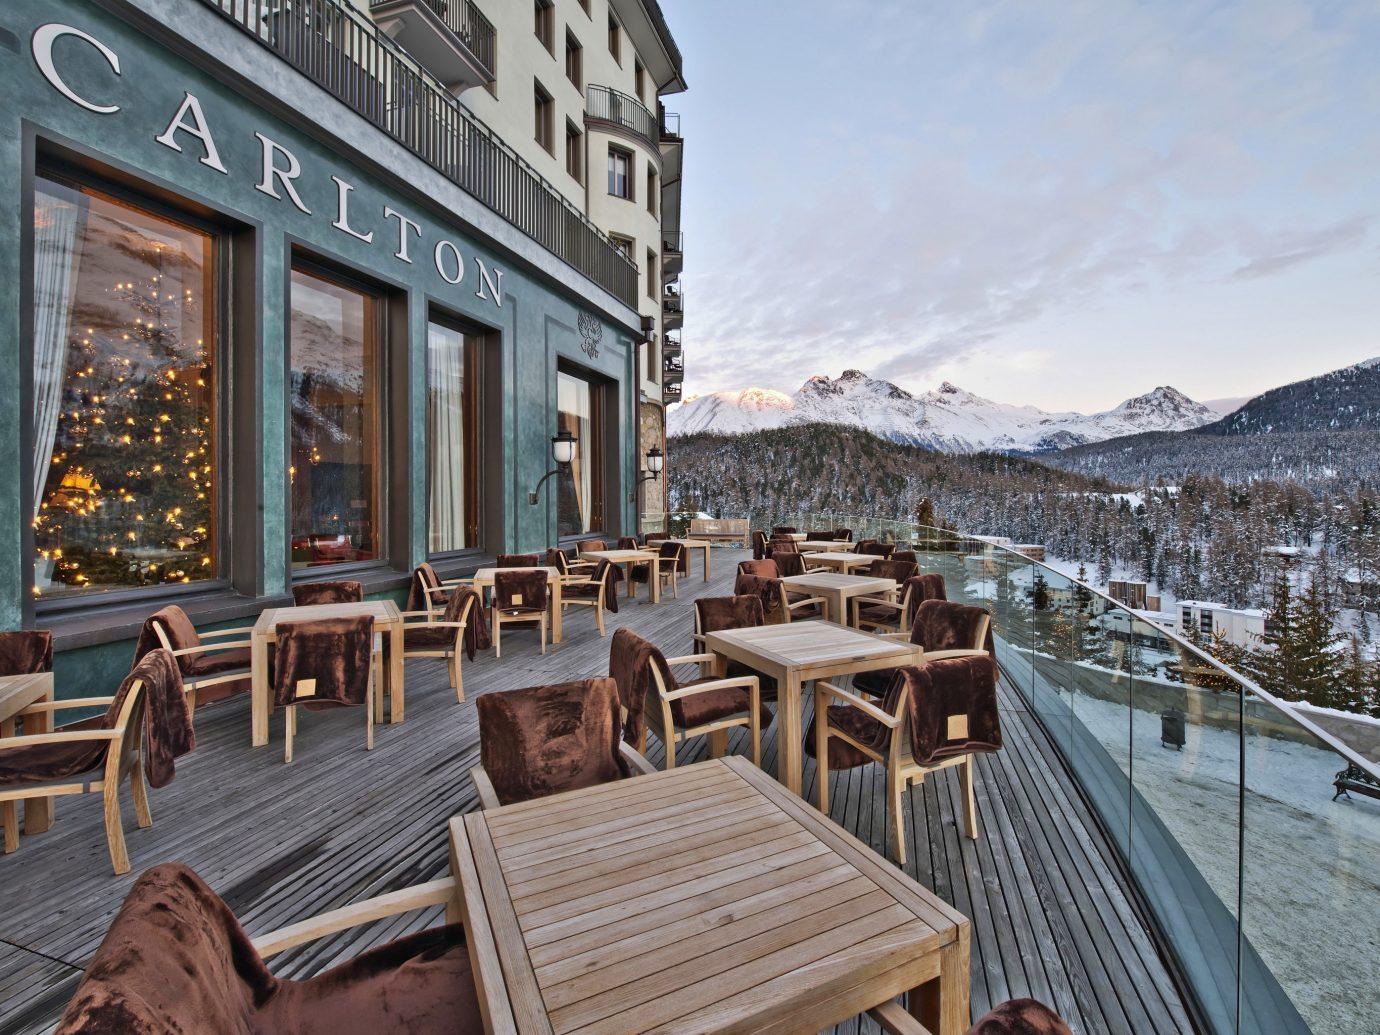 Outdoor dining at Carlton Hotel St. Moritz